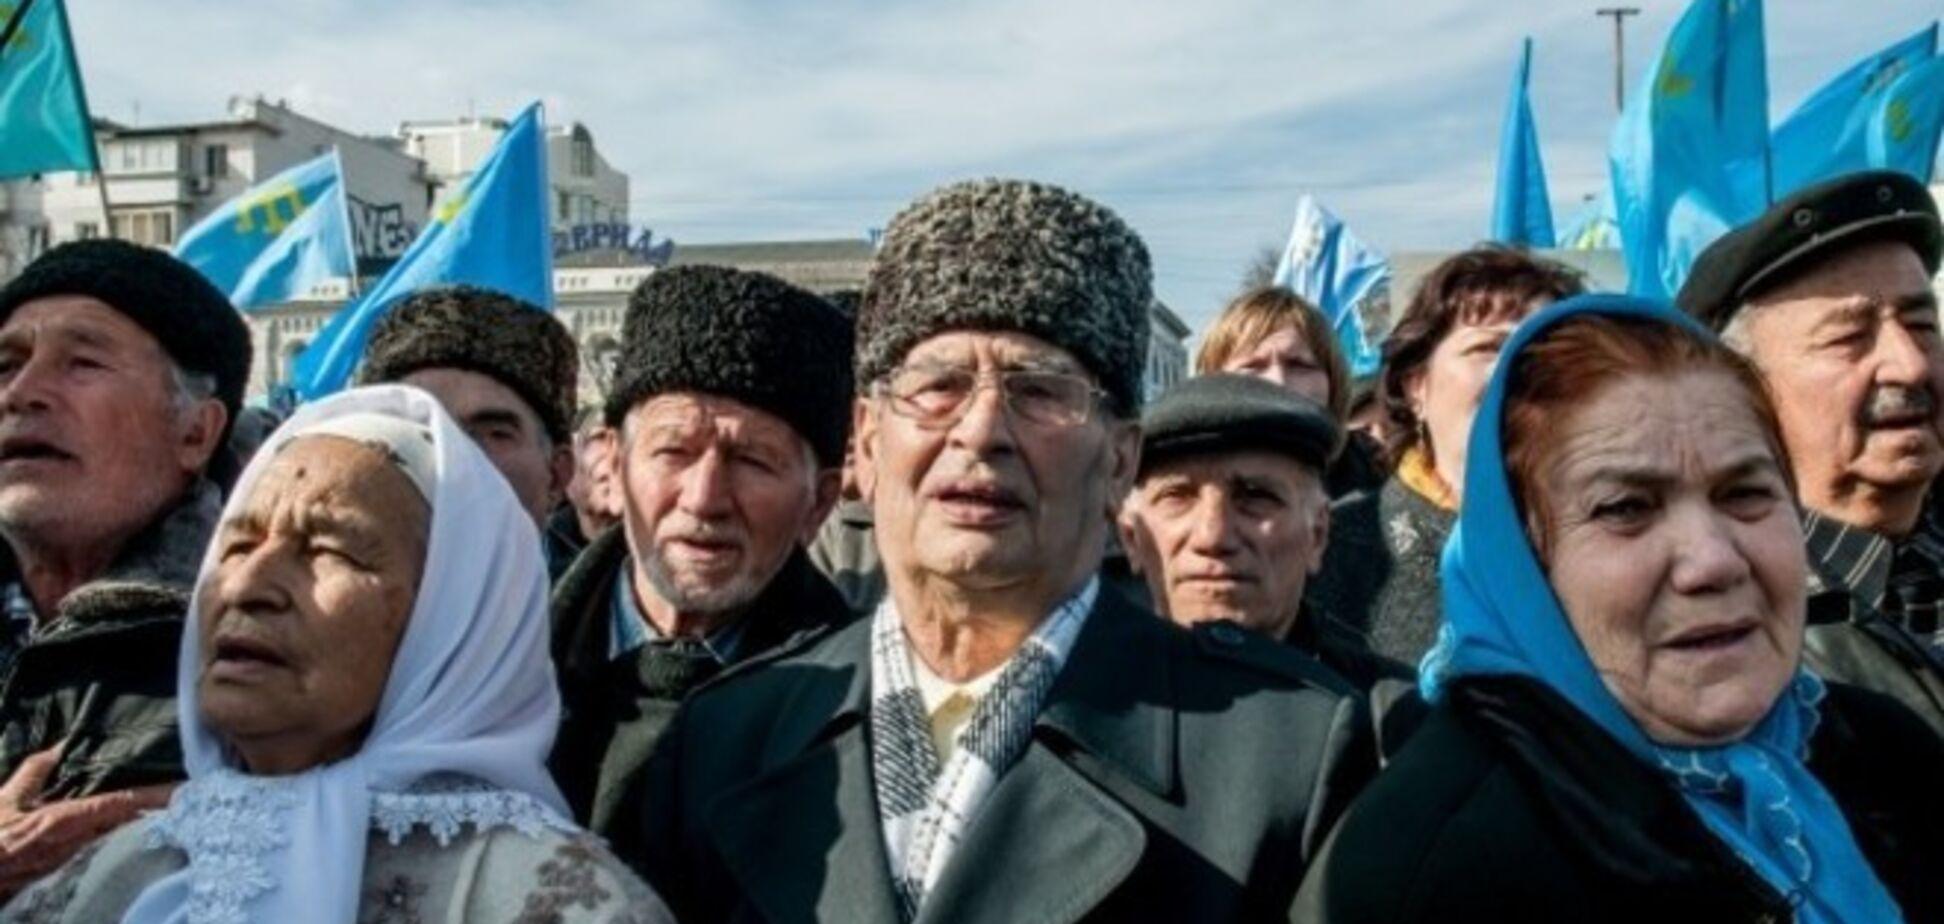 Татары чувствуют себя в Крыму, как евреи в довоенной Германии – российский журналист